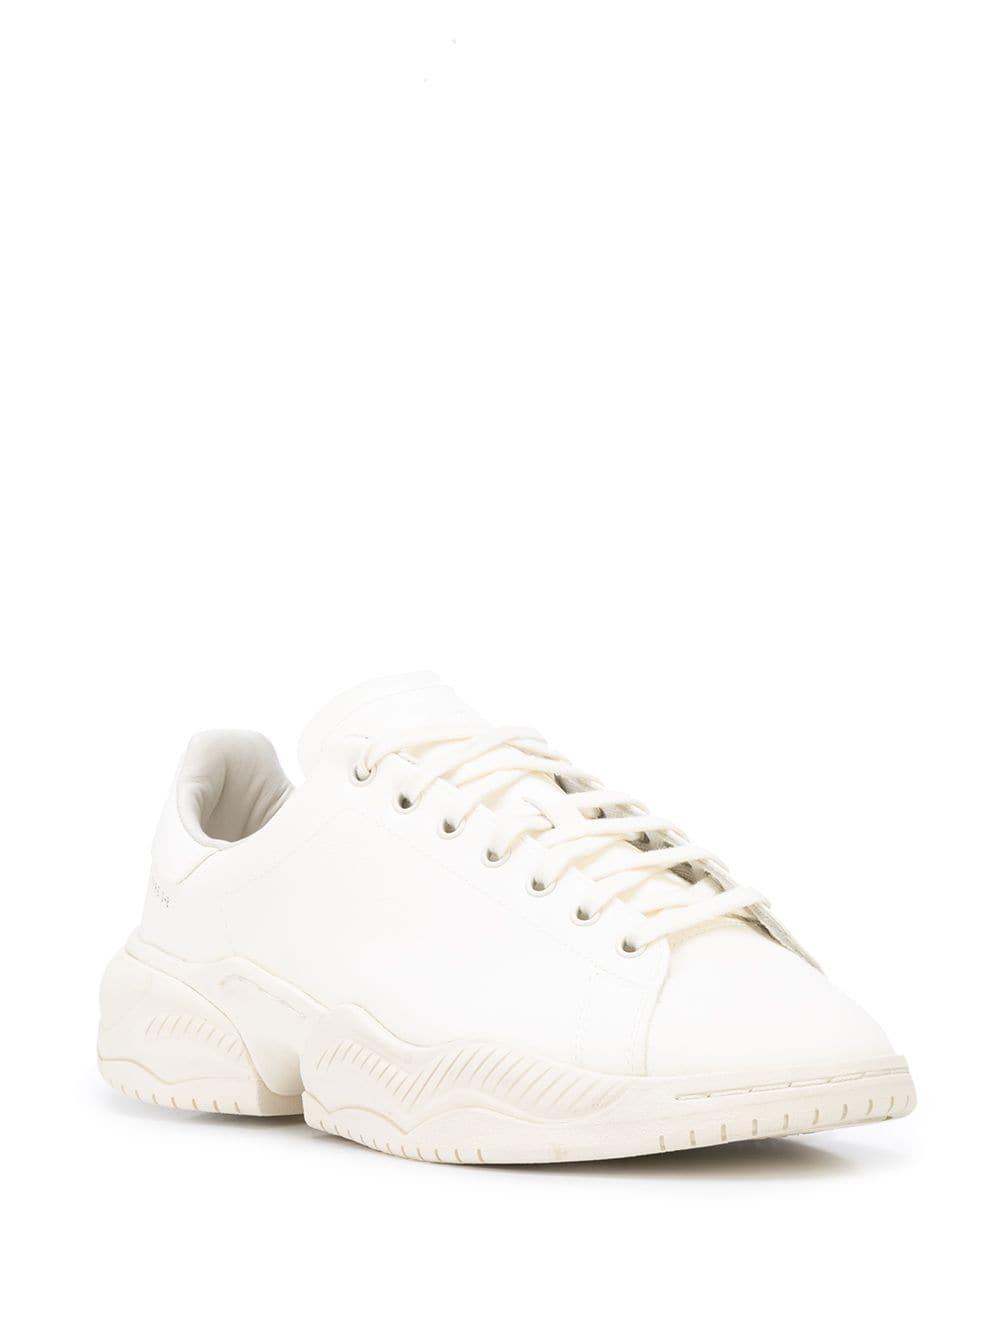 adidas X Oamc Type O-2r Sneakers in het Wit voor heren